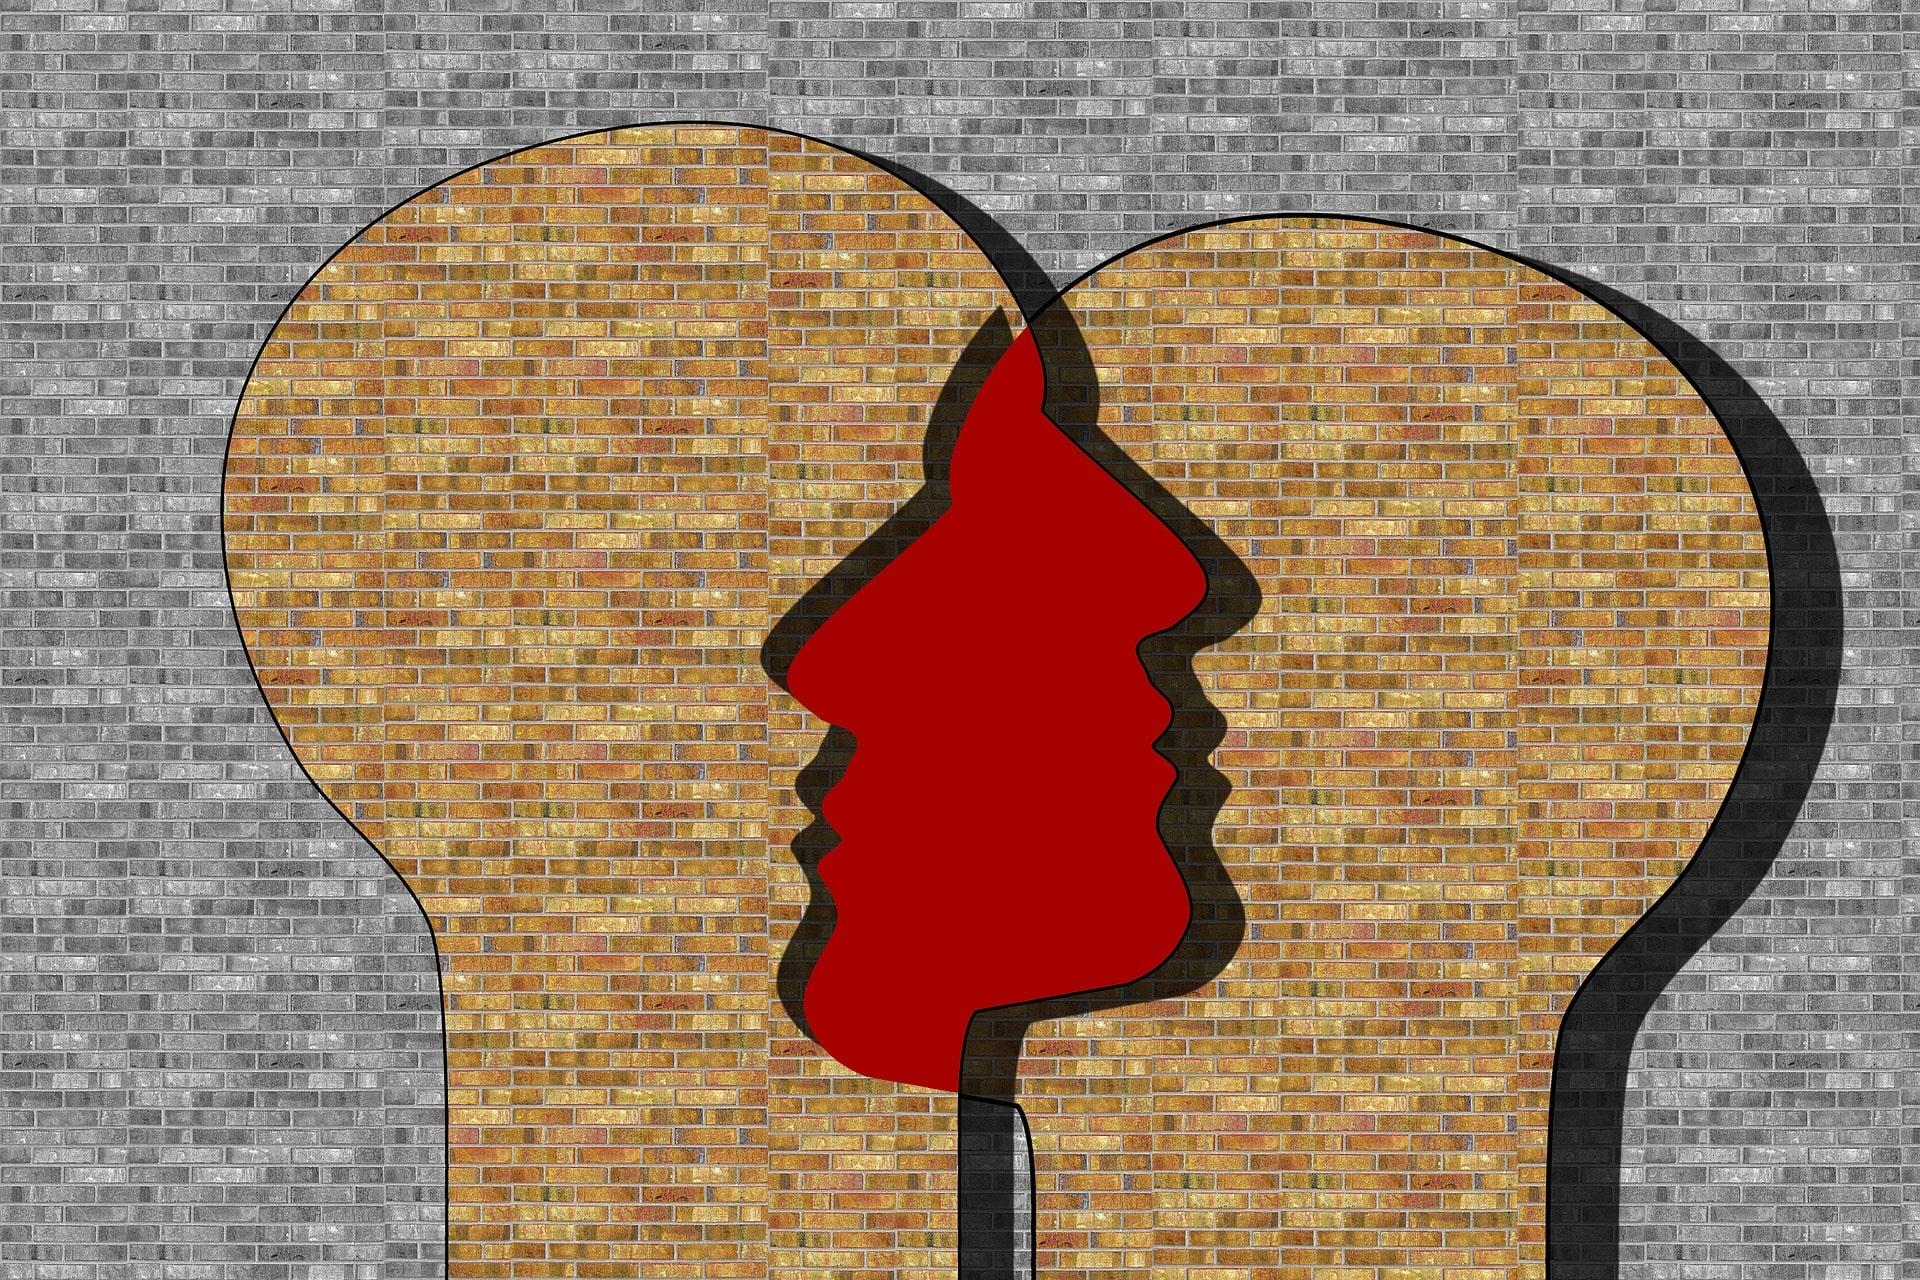 Módulo 2: El conflicto - Formación conceptual de un gestor de conflictos